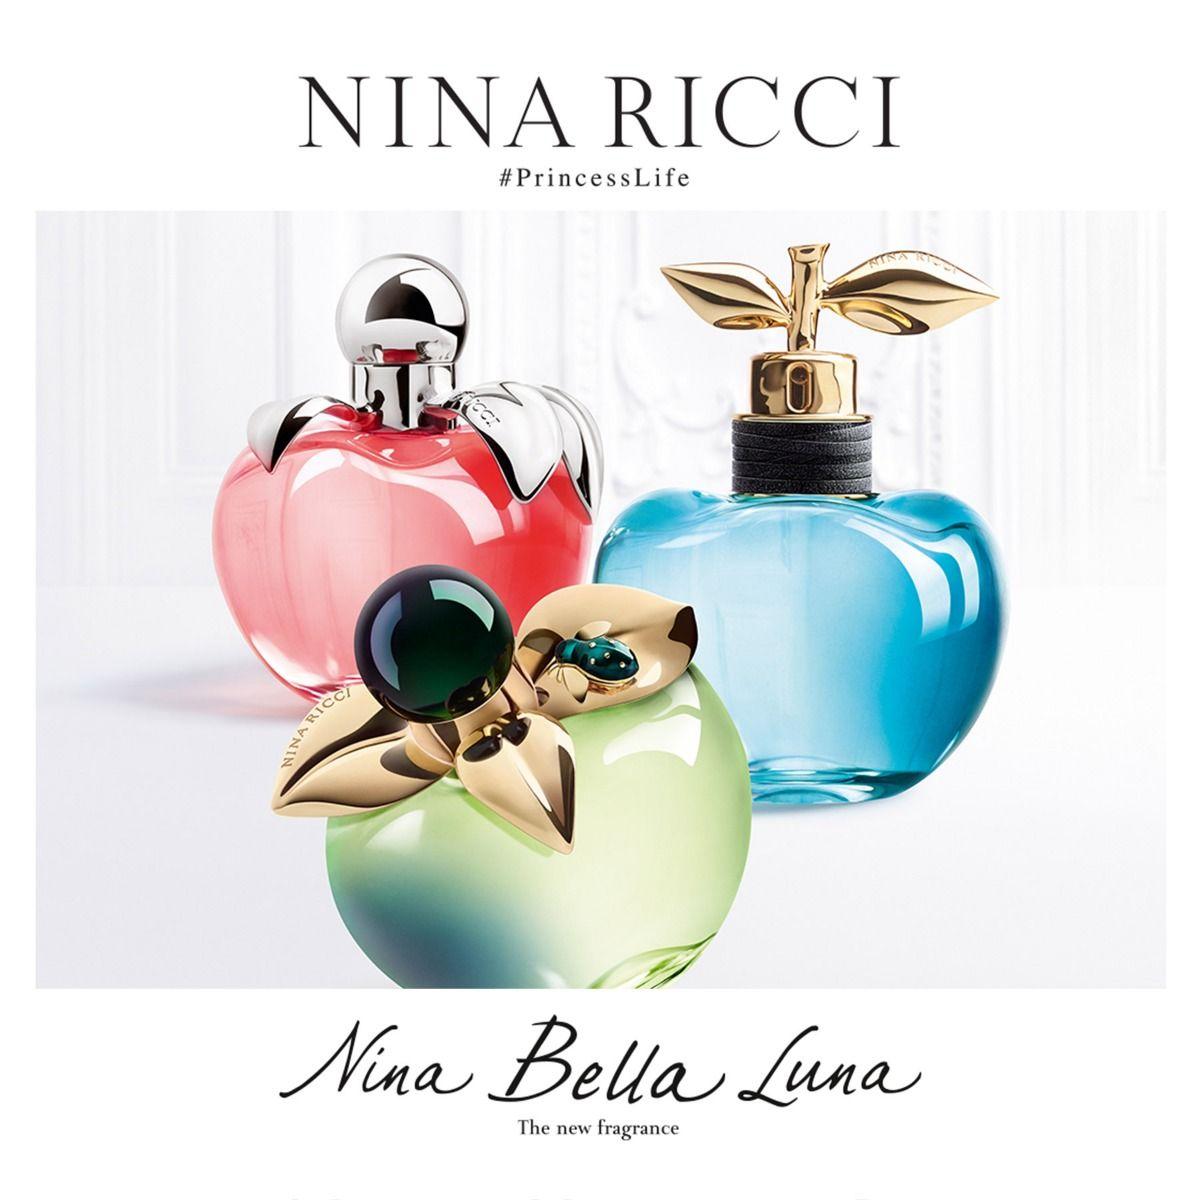 Pin de jeniffer trigueros en perfume♡ en 2020 | Frascos de